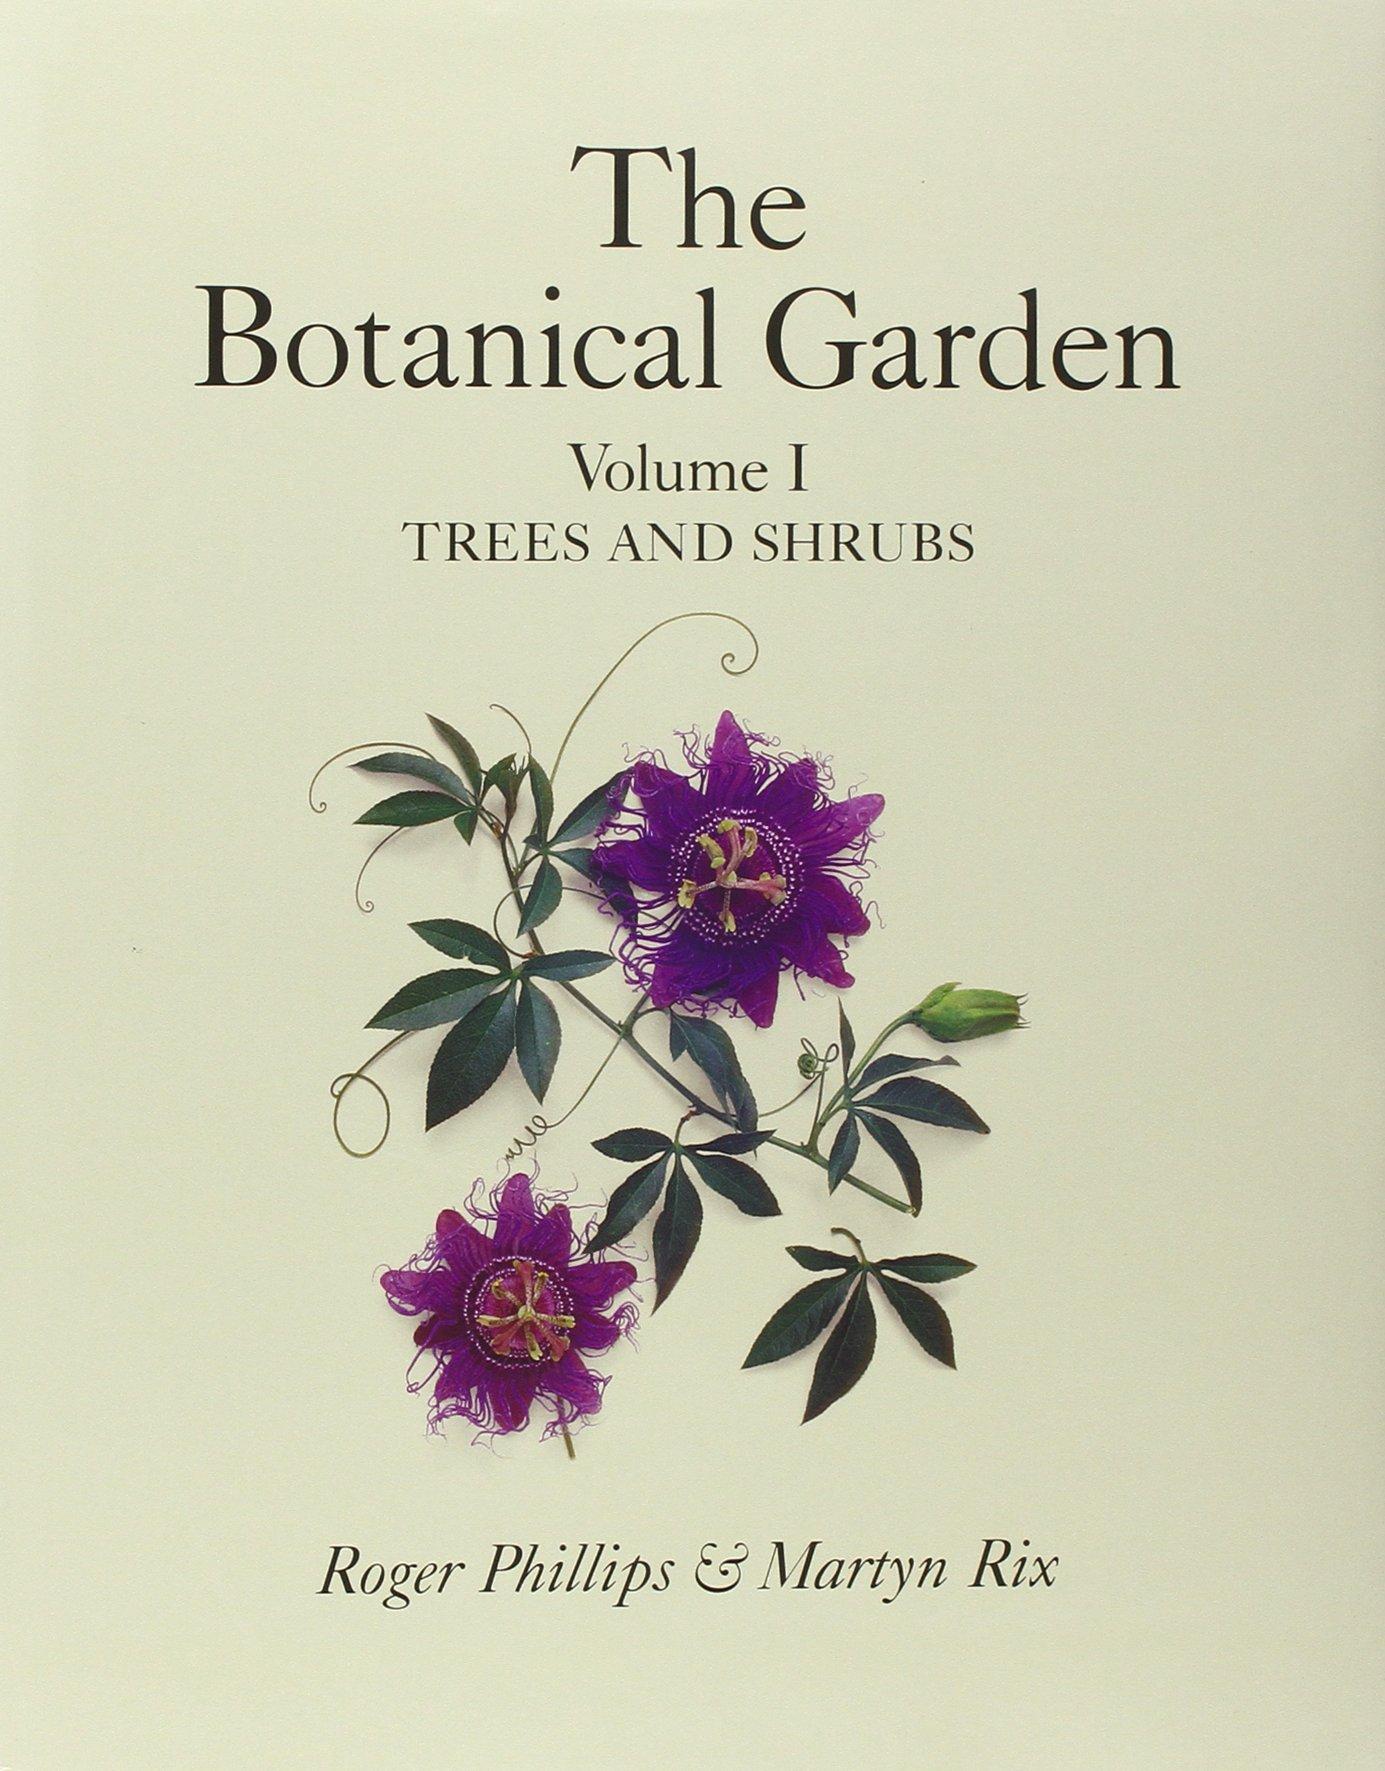 Botanical Garden Volume I: Trees and Shrubs